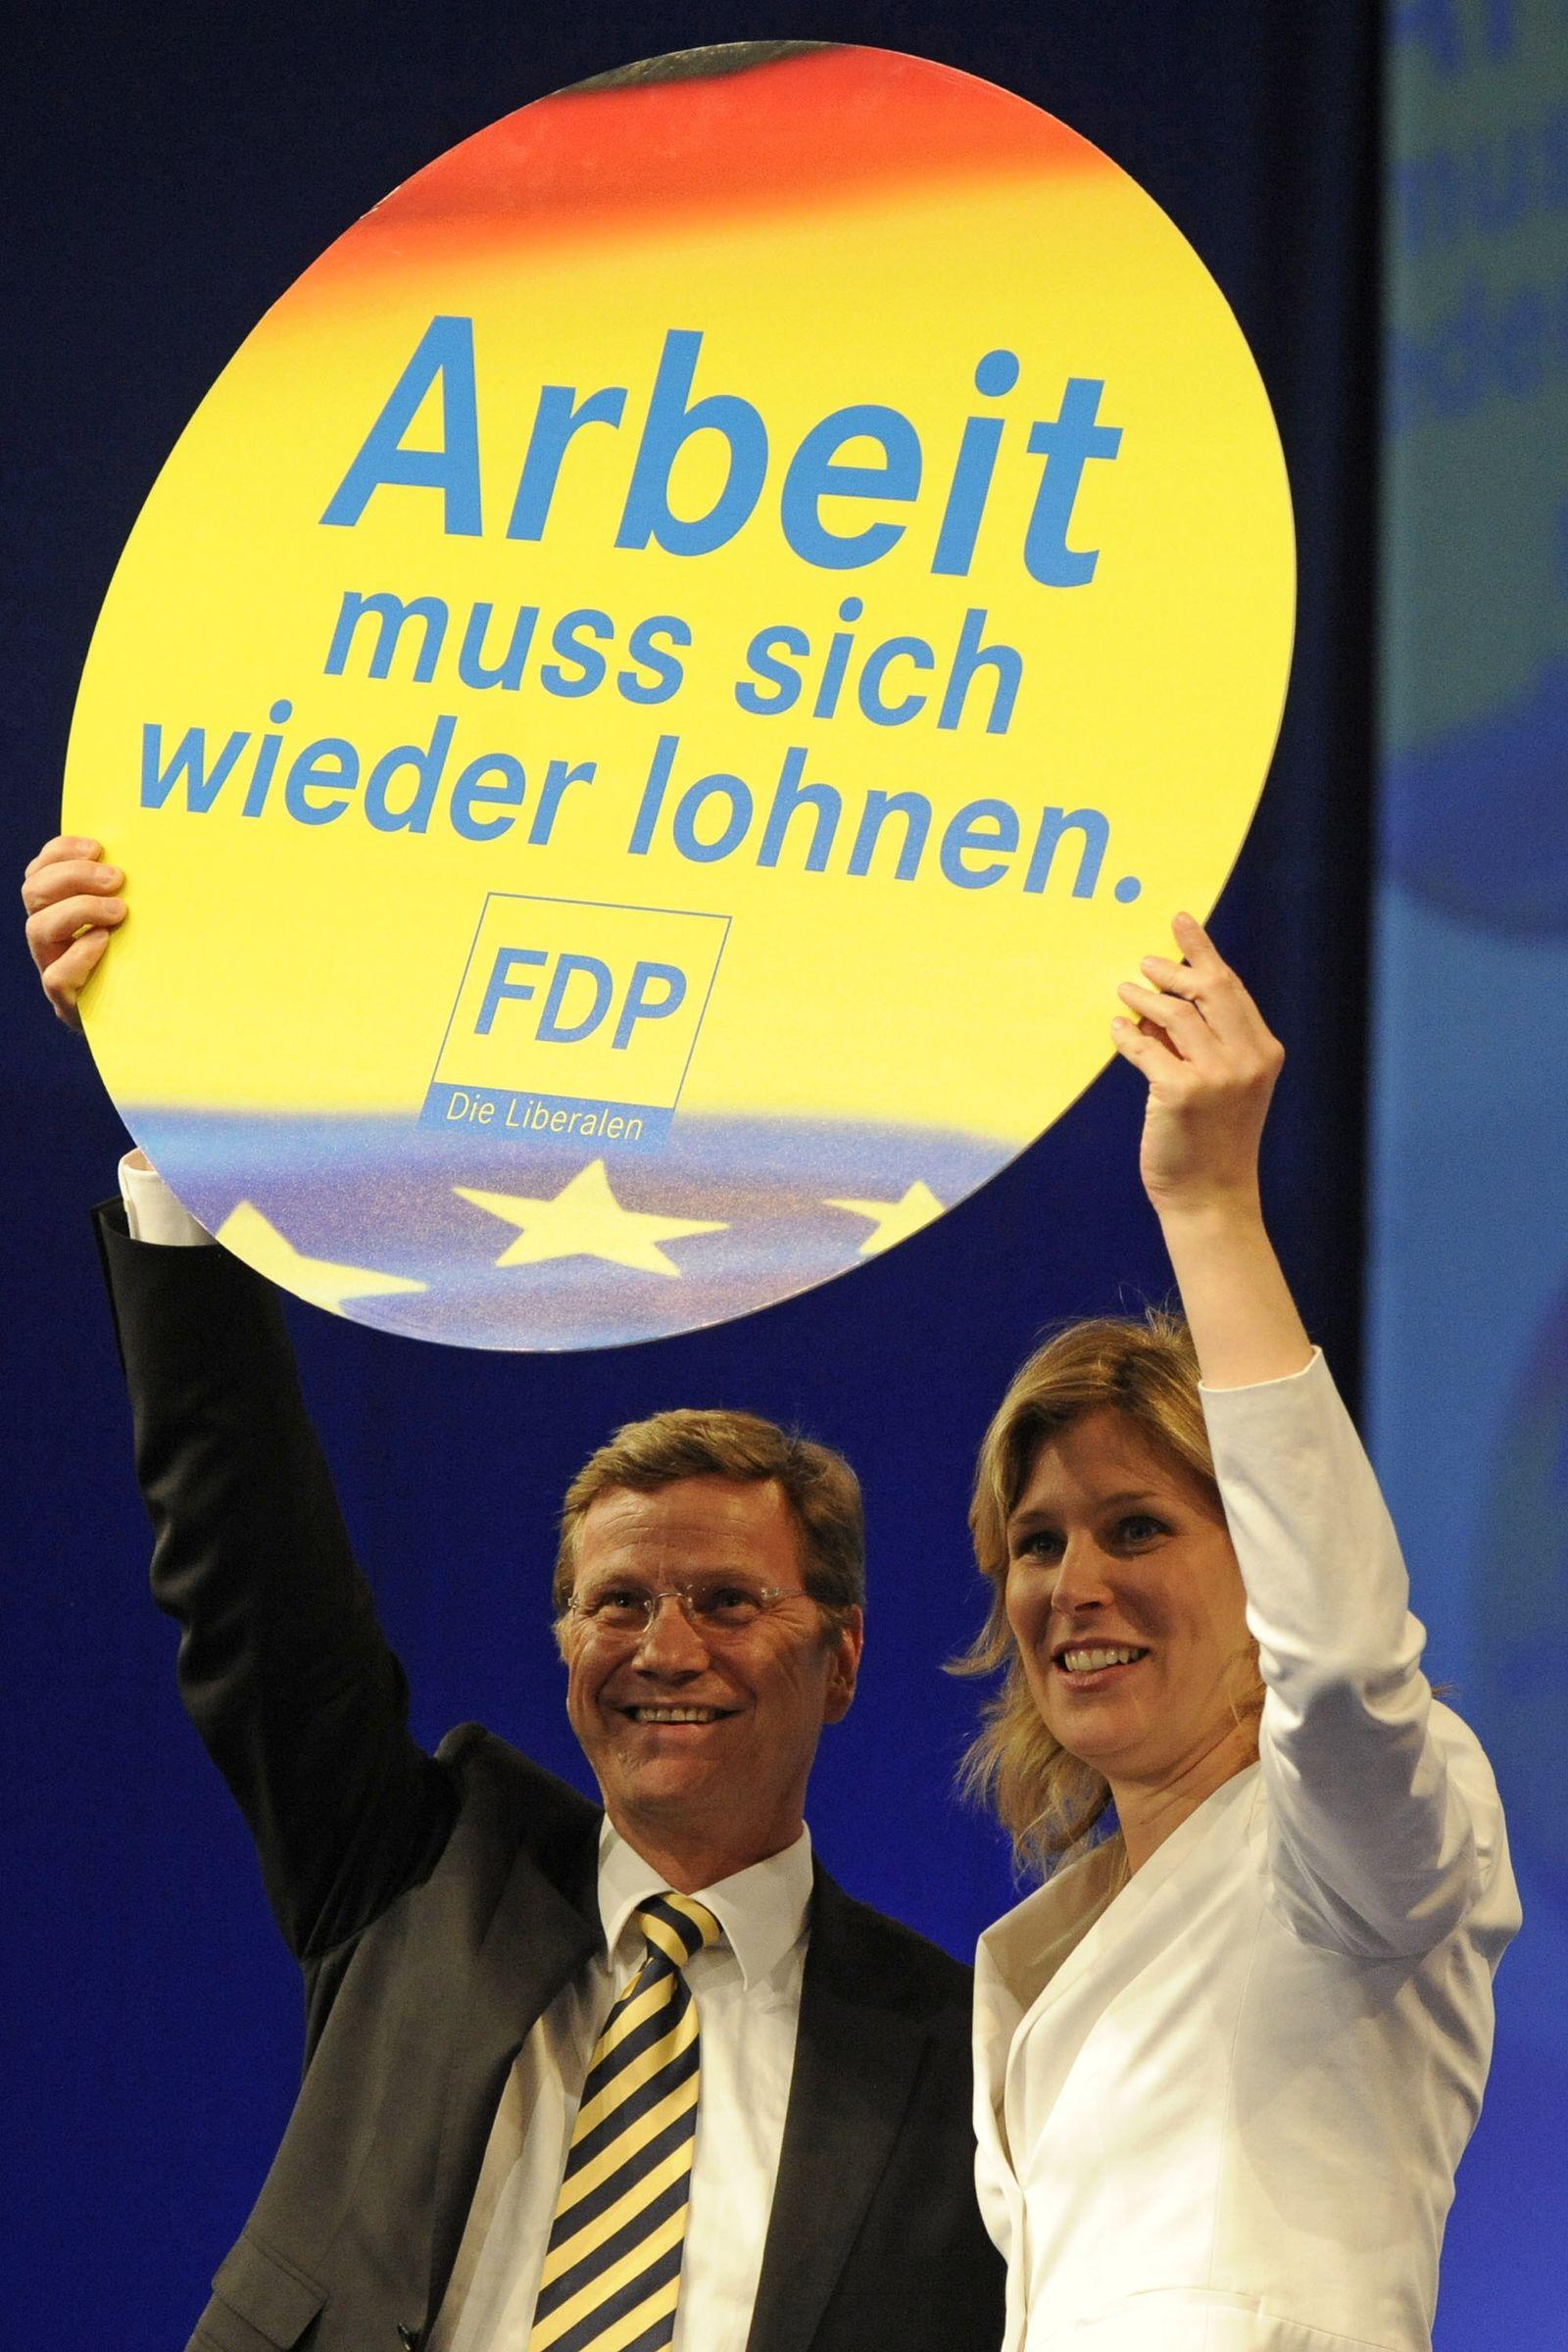 NICHT VERWENDEN NUR FÜR SPAM Parteien/Plagiatsverdacht/Affaeren